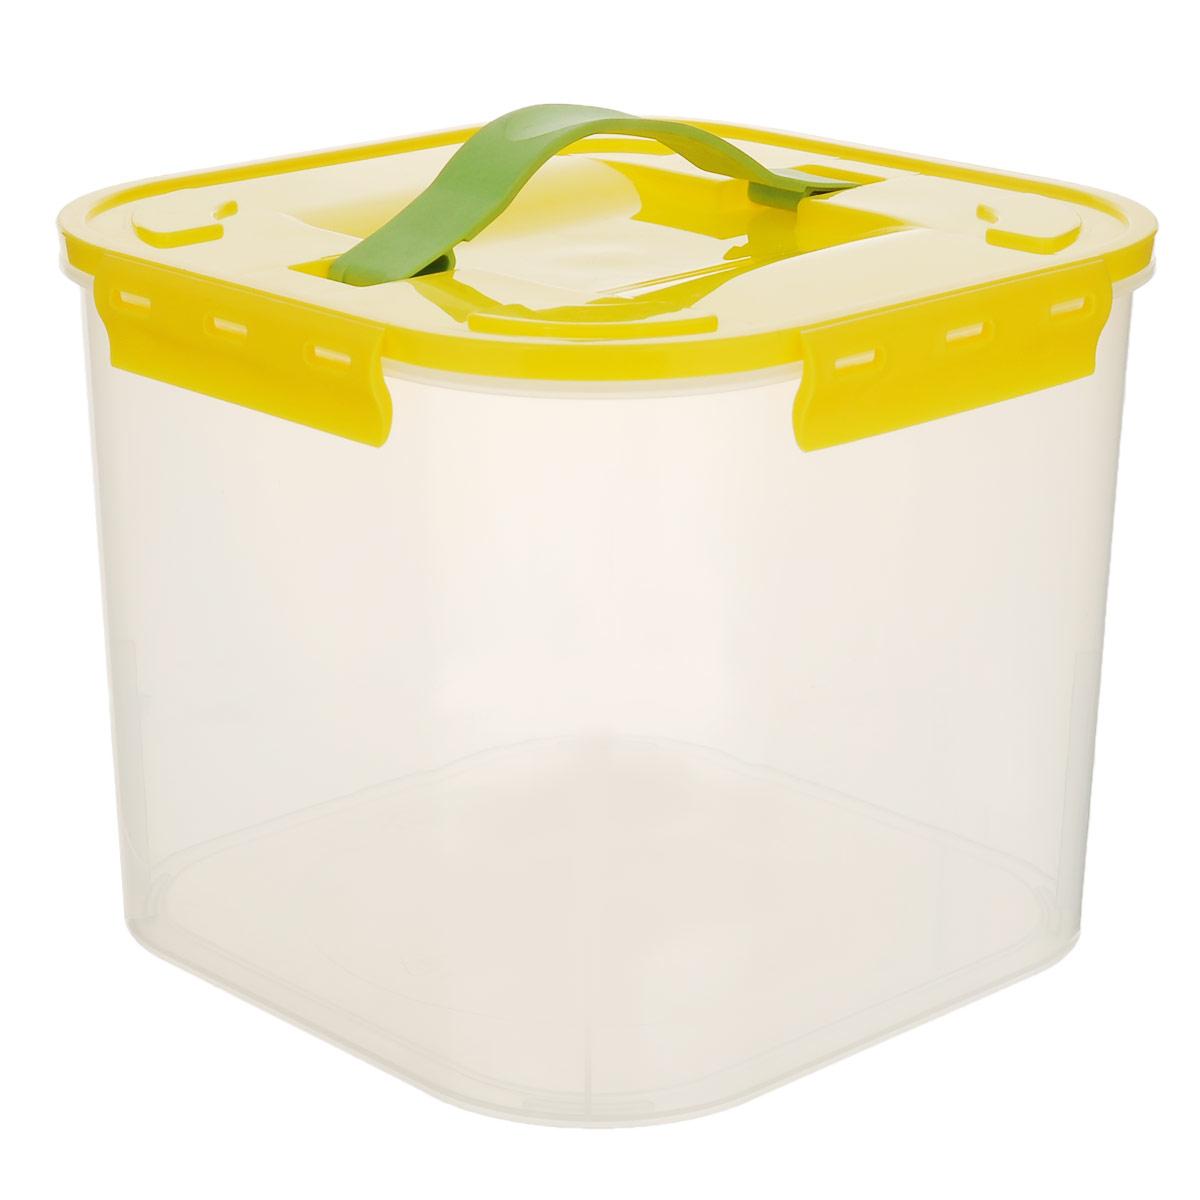 Контейнер для хранения Idea, цвет: желтый, прозрачный, 7 лМ 2820Контейнер для хранения Idea выполнен из прозрачного пластика. Контейнер идеально подойдет для хранения пищевых продуктов, а также любых мелких бытовых предметов: канцелярии, принадлежностей для шитья и т.д. Контейнер плотно закрывается цветной крышкой с 4 защелками. Для удобства переноски сверху имеется ручка, выполненная из термоэластопласта. Контейнер Idea очень вместителен, он пригодится в любом хозяйстве.